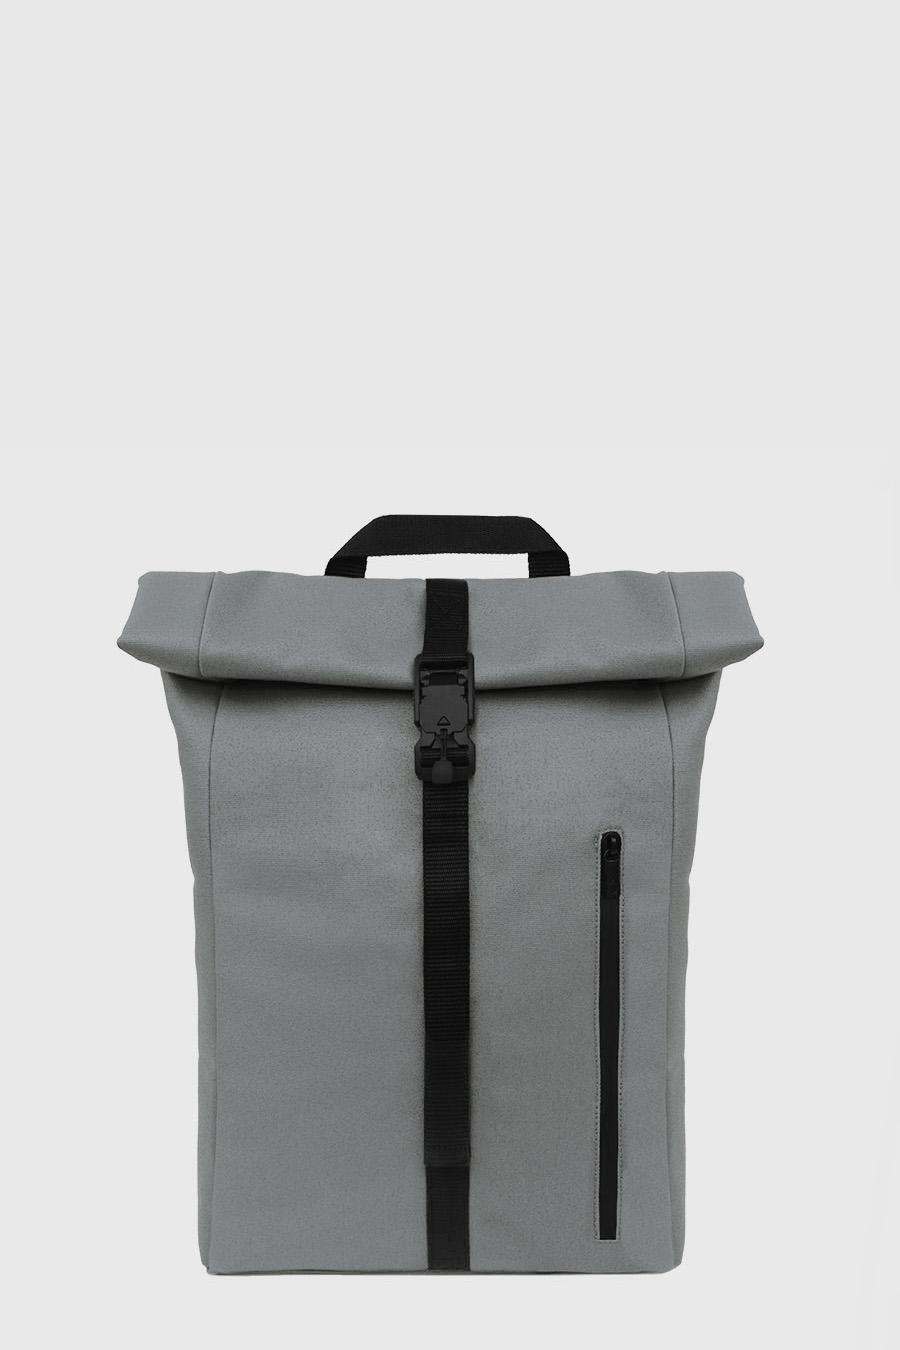 Mochila enrollable impermeable estilo urbano color gris claro hecho en España